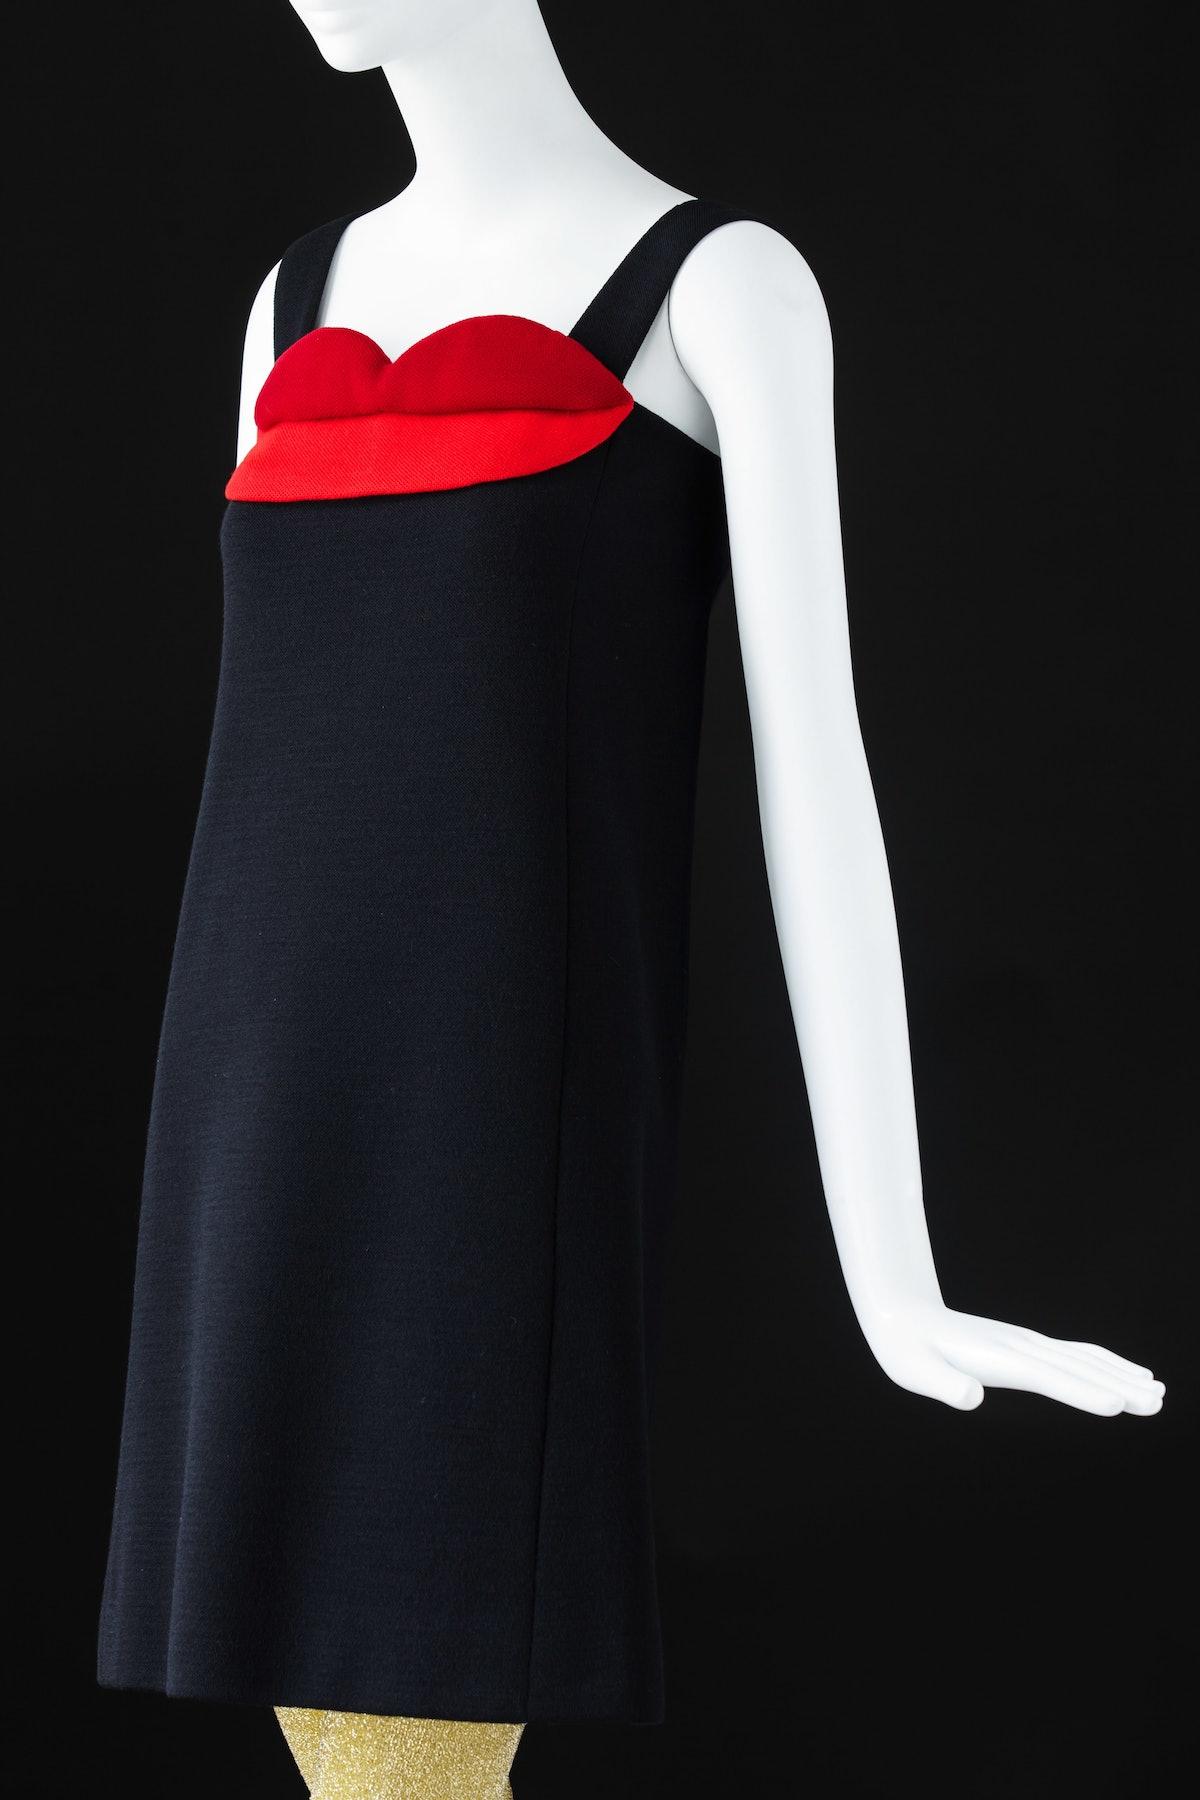 (3) Cocktail dress. Inspired by Pop Art- ©Fondation Pierre Bergé – Yves Saint Laurent Sophie Carre